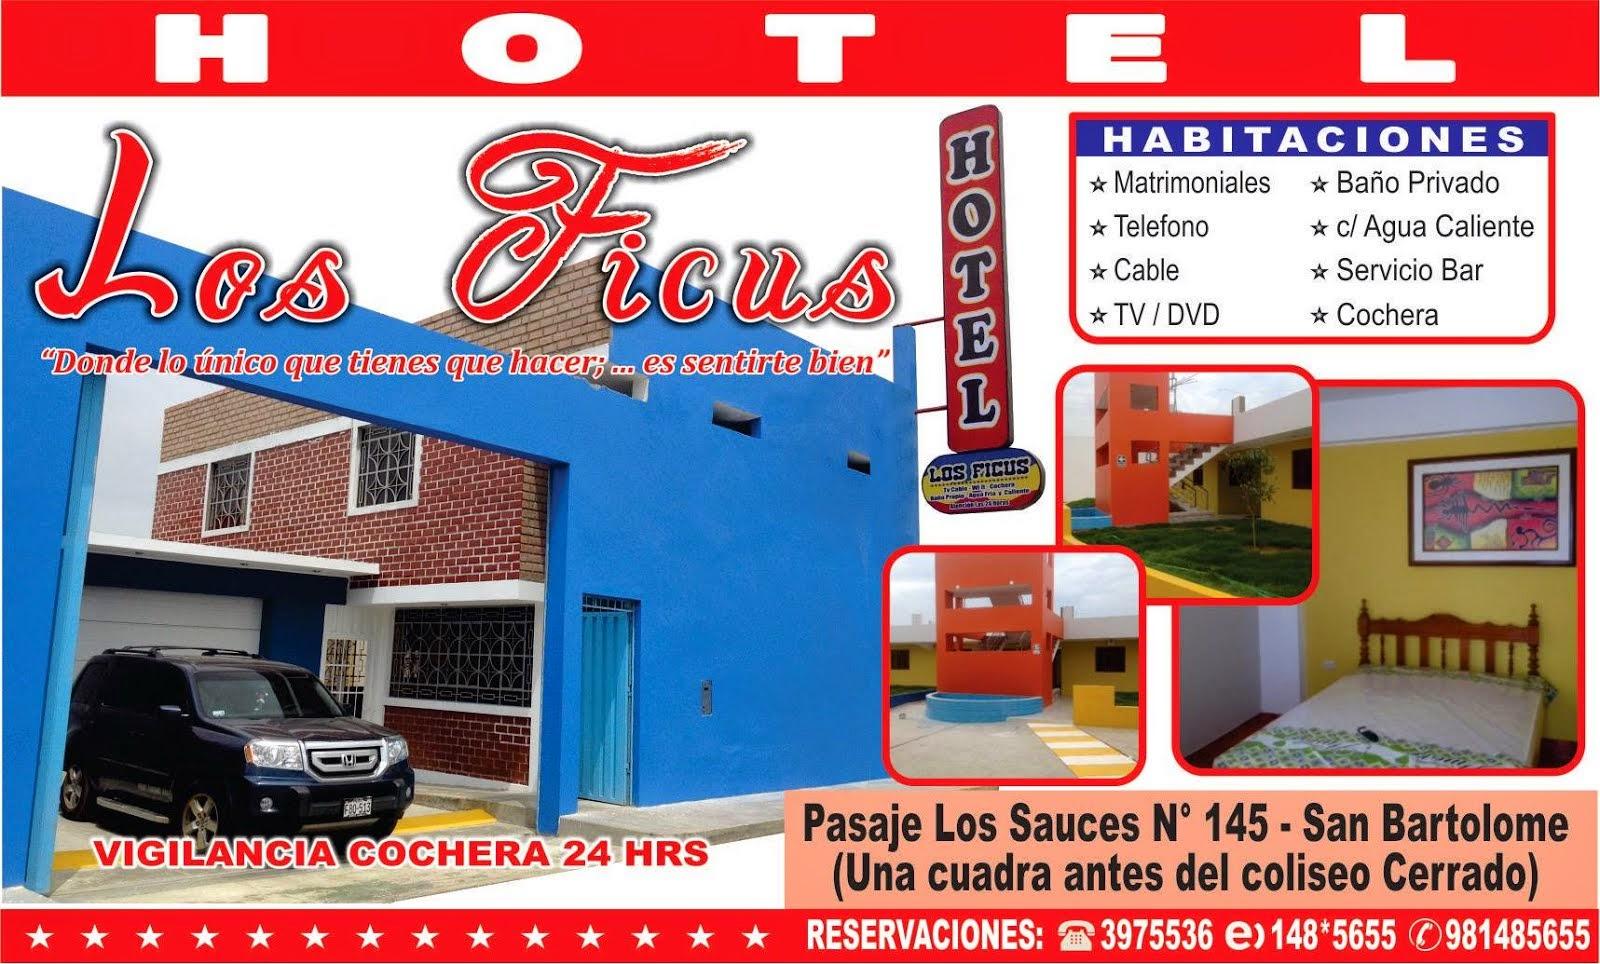 Hotel Los Ficus